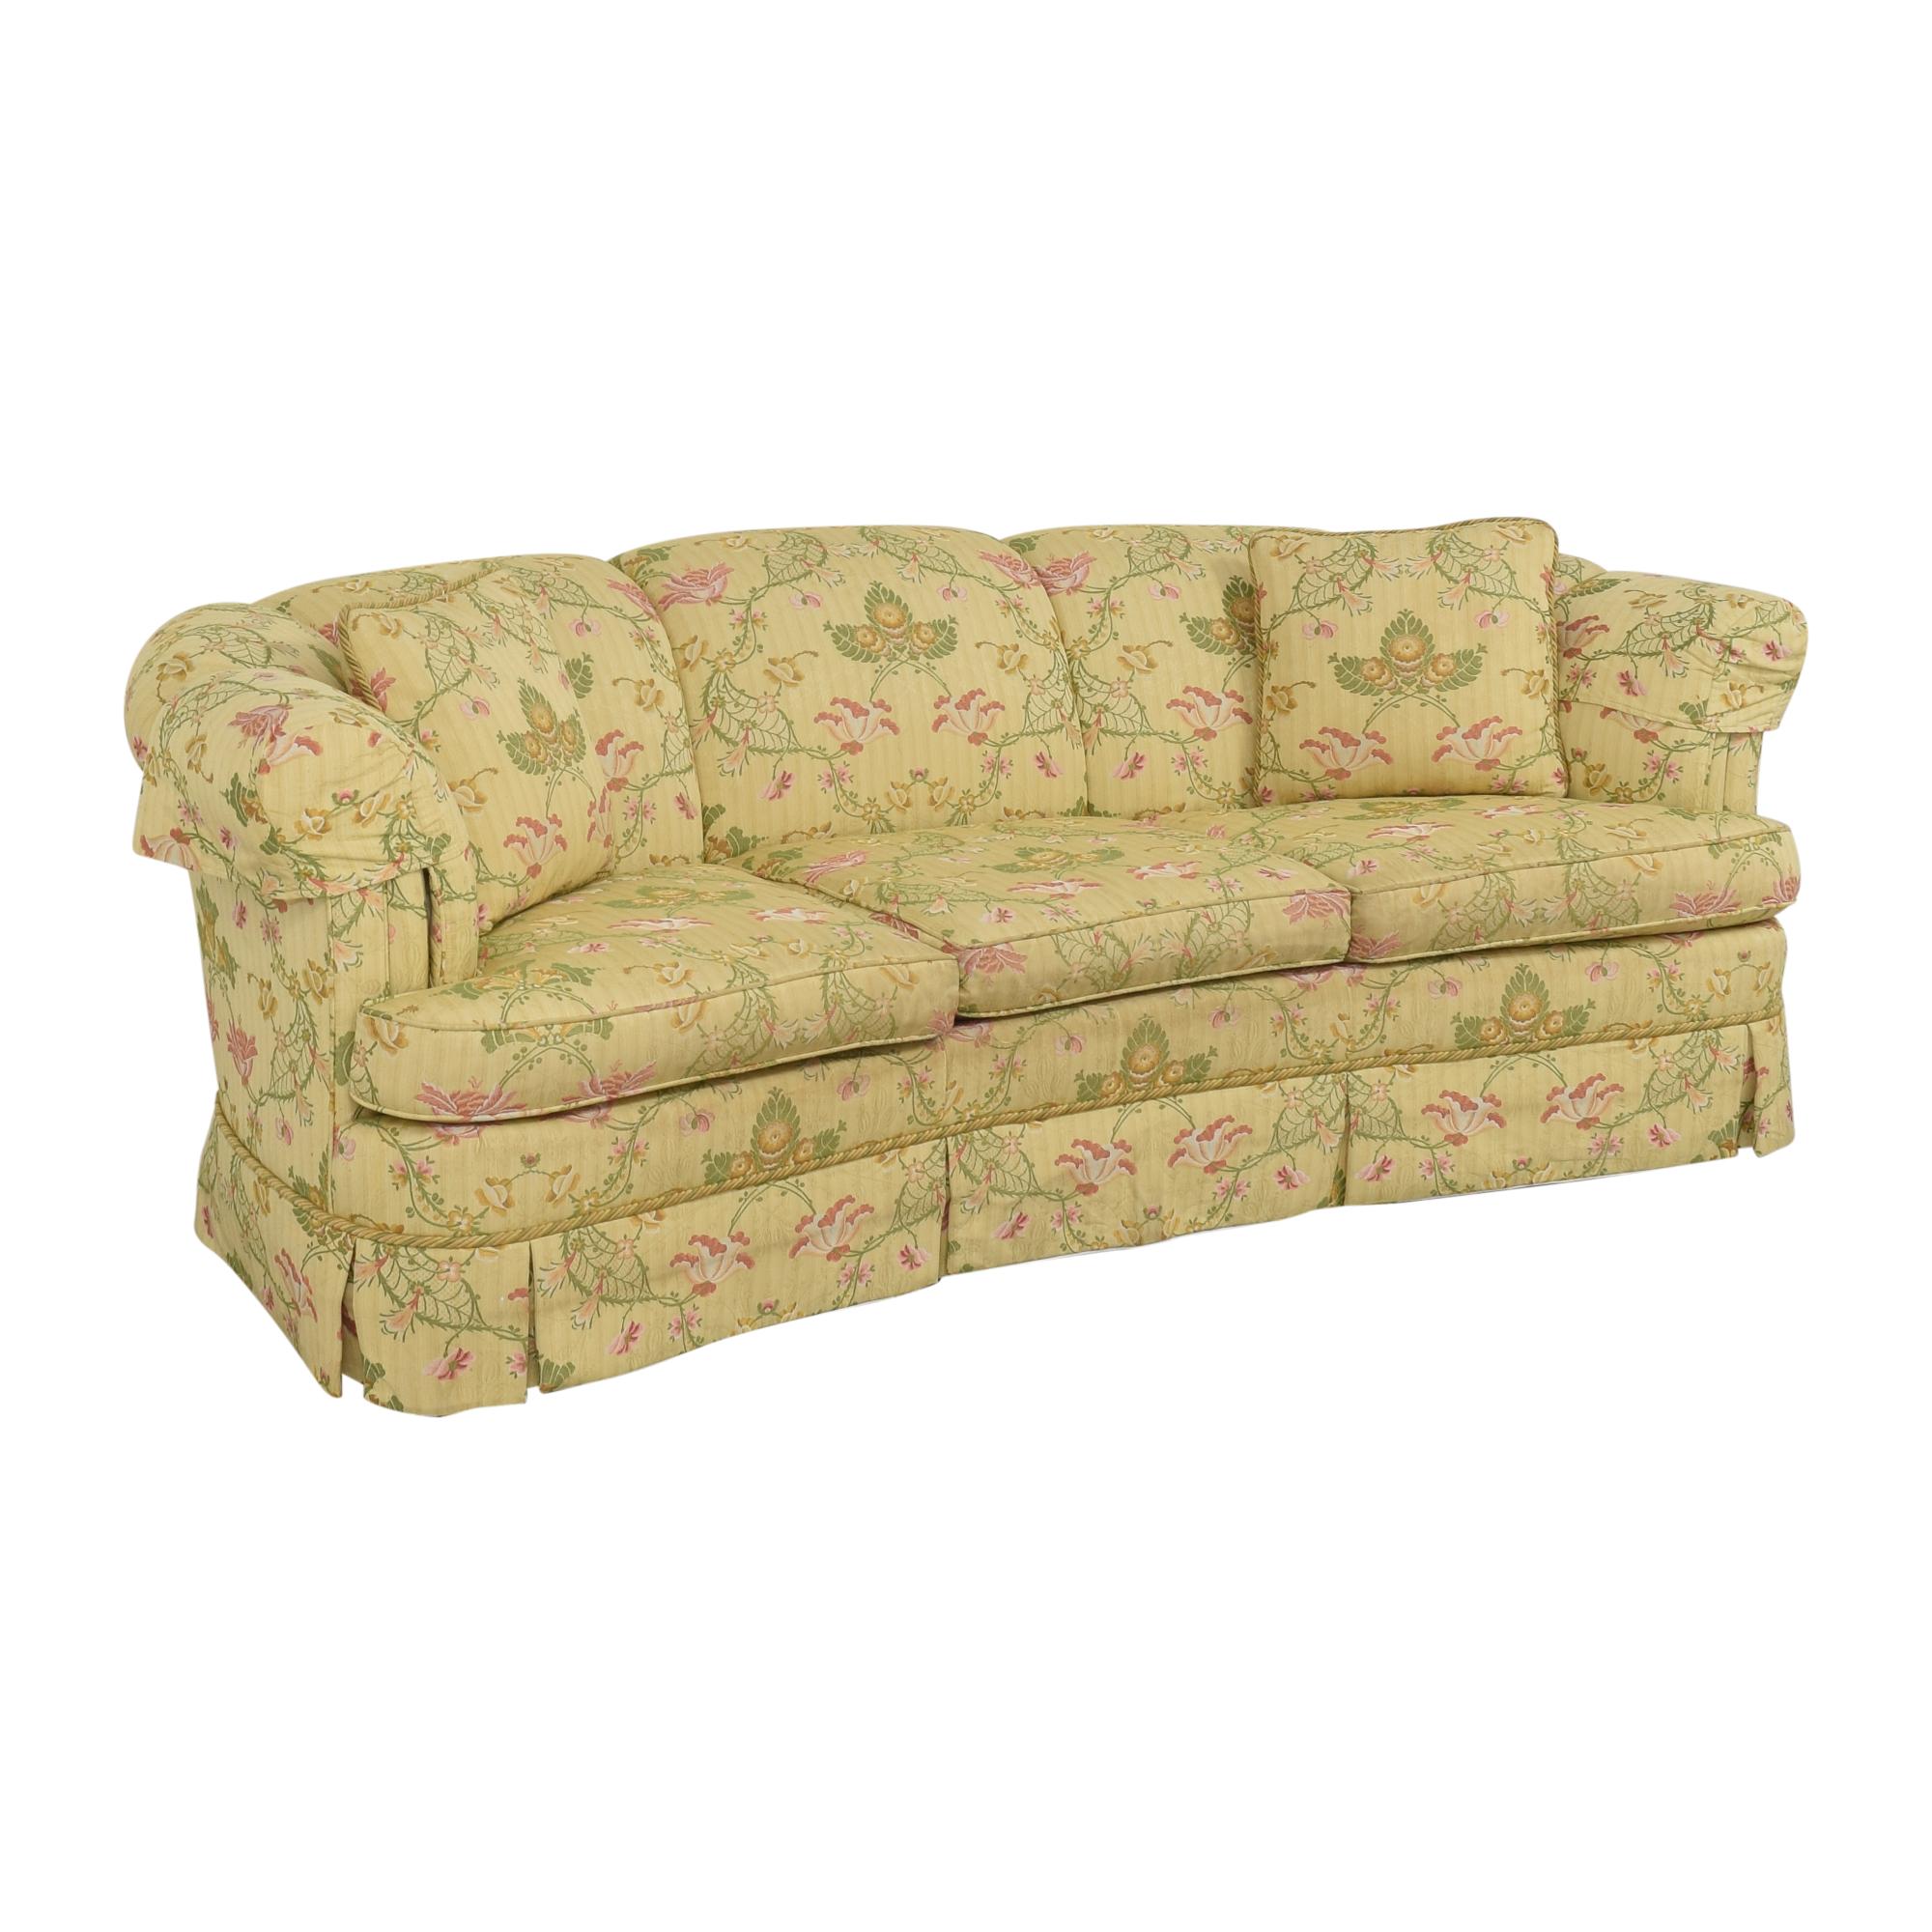 Kindel Kindel Floral Crescent Sofa ma